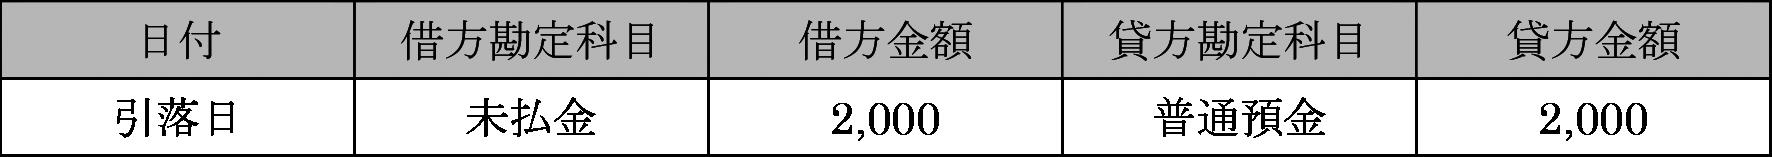 法人クレジットカードを使って2,000円の本を買った場合の仕訳その2